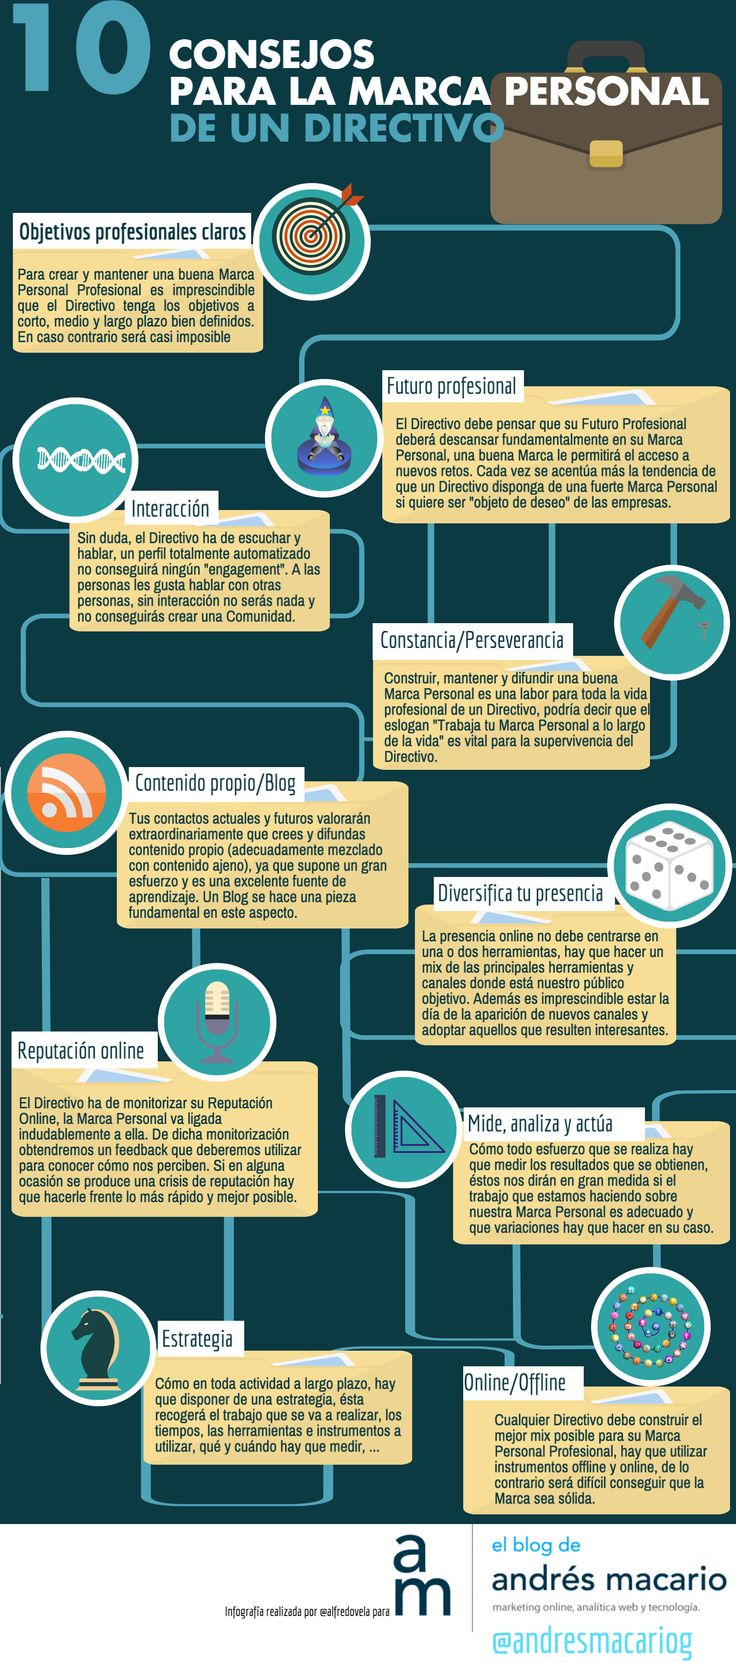 10-consejos-marca-personal-directivo-Andres-Macario-#Infografia vía @alfredovela #MaracaPersonal #Directivo #PersonalBranding #BrandingPersonal